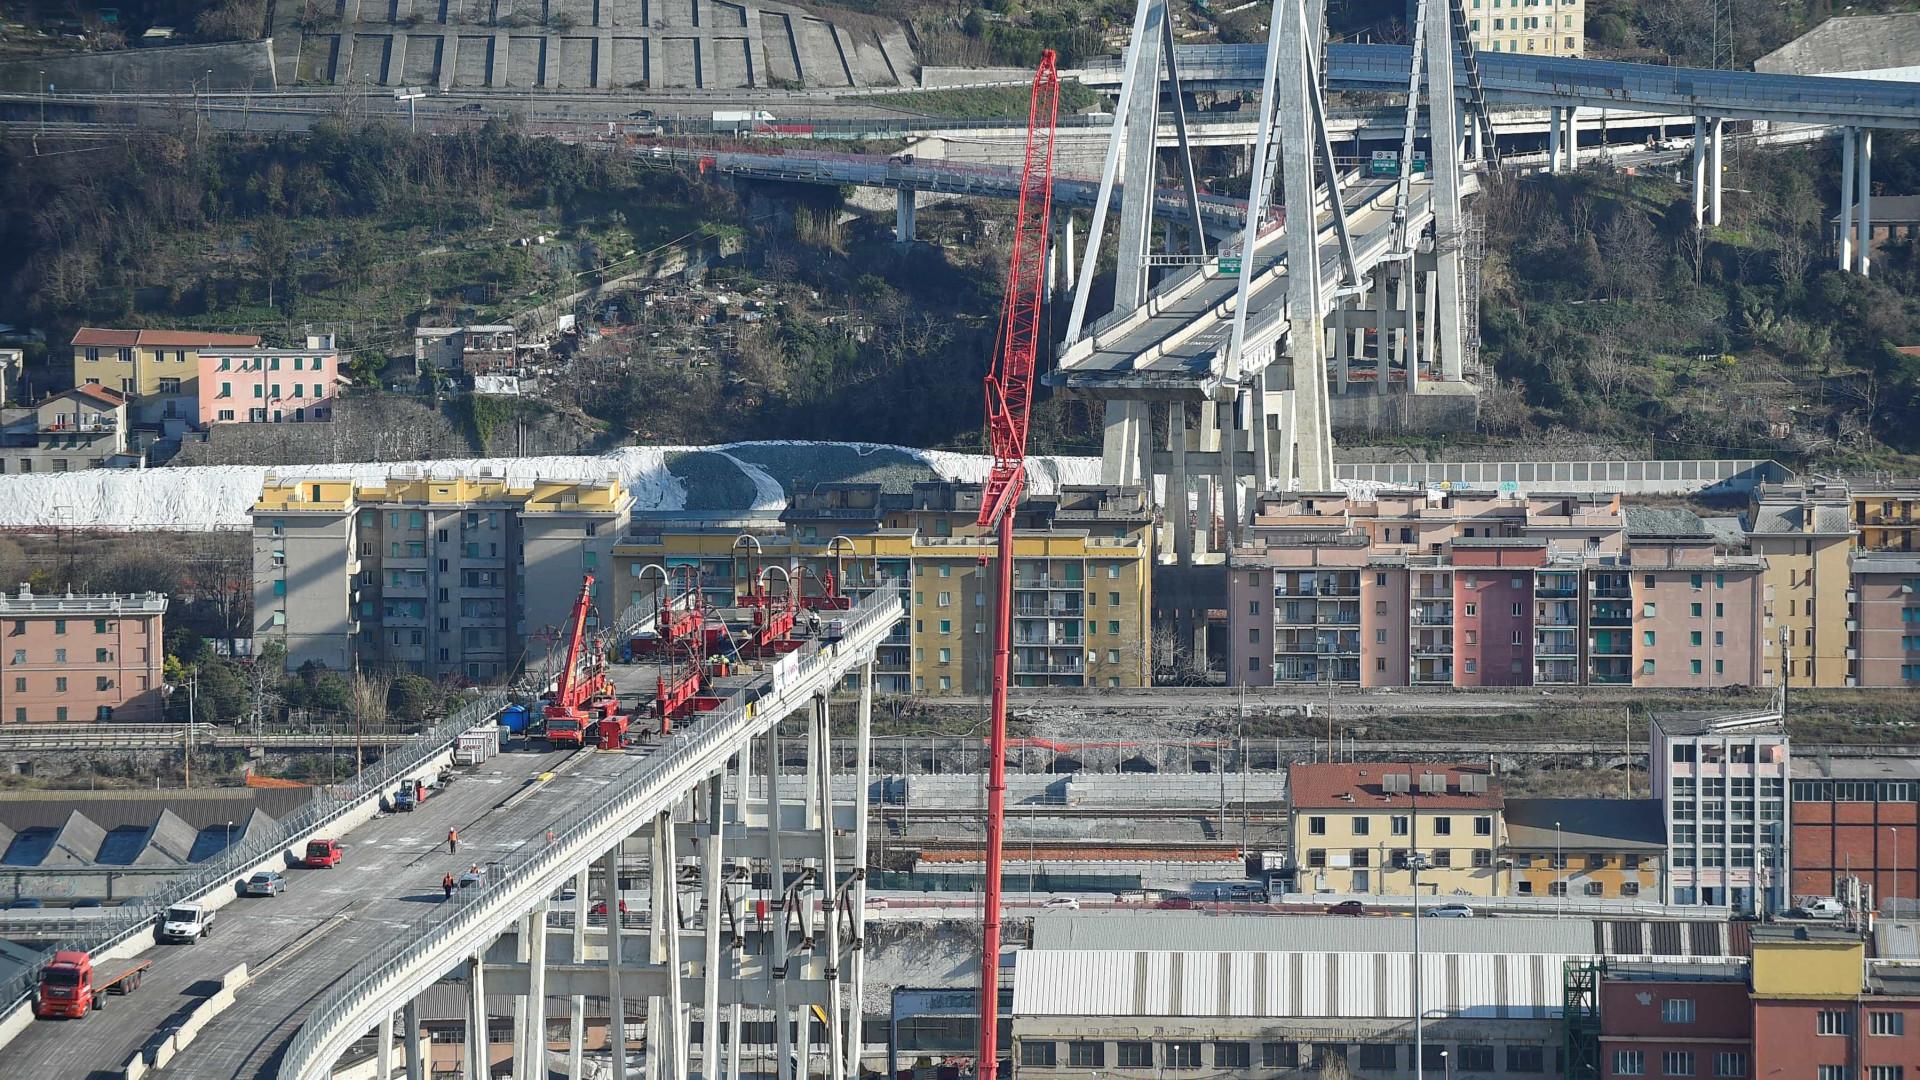 6 meses após queda, começa demolição de ponte em Gênova